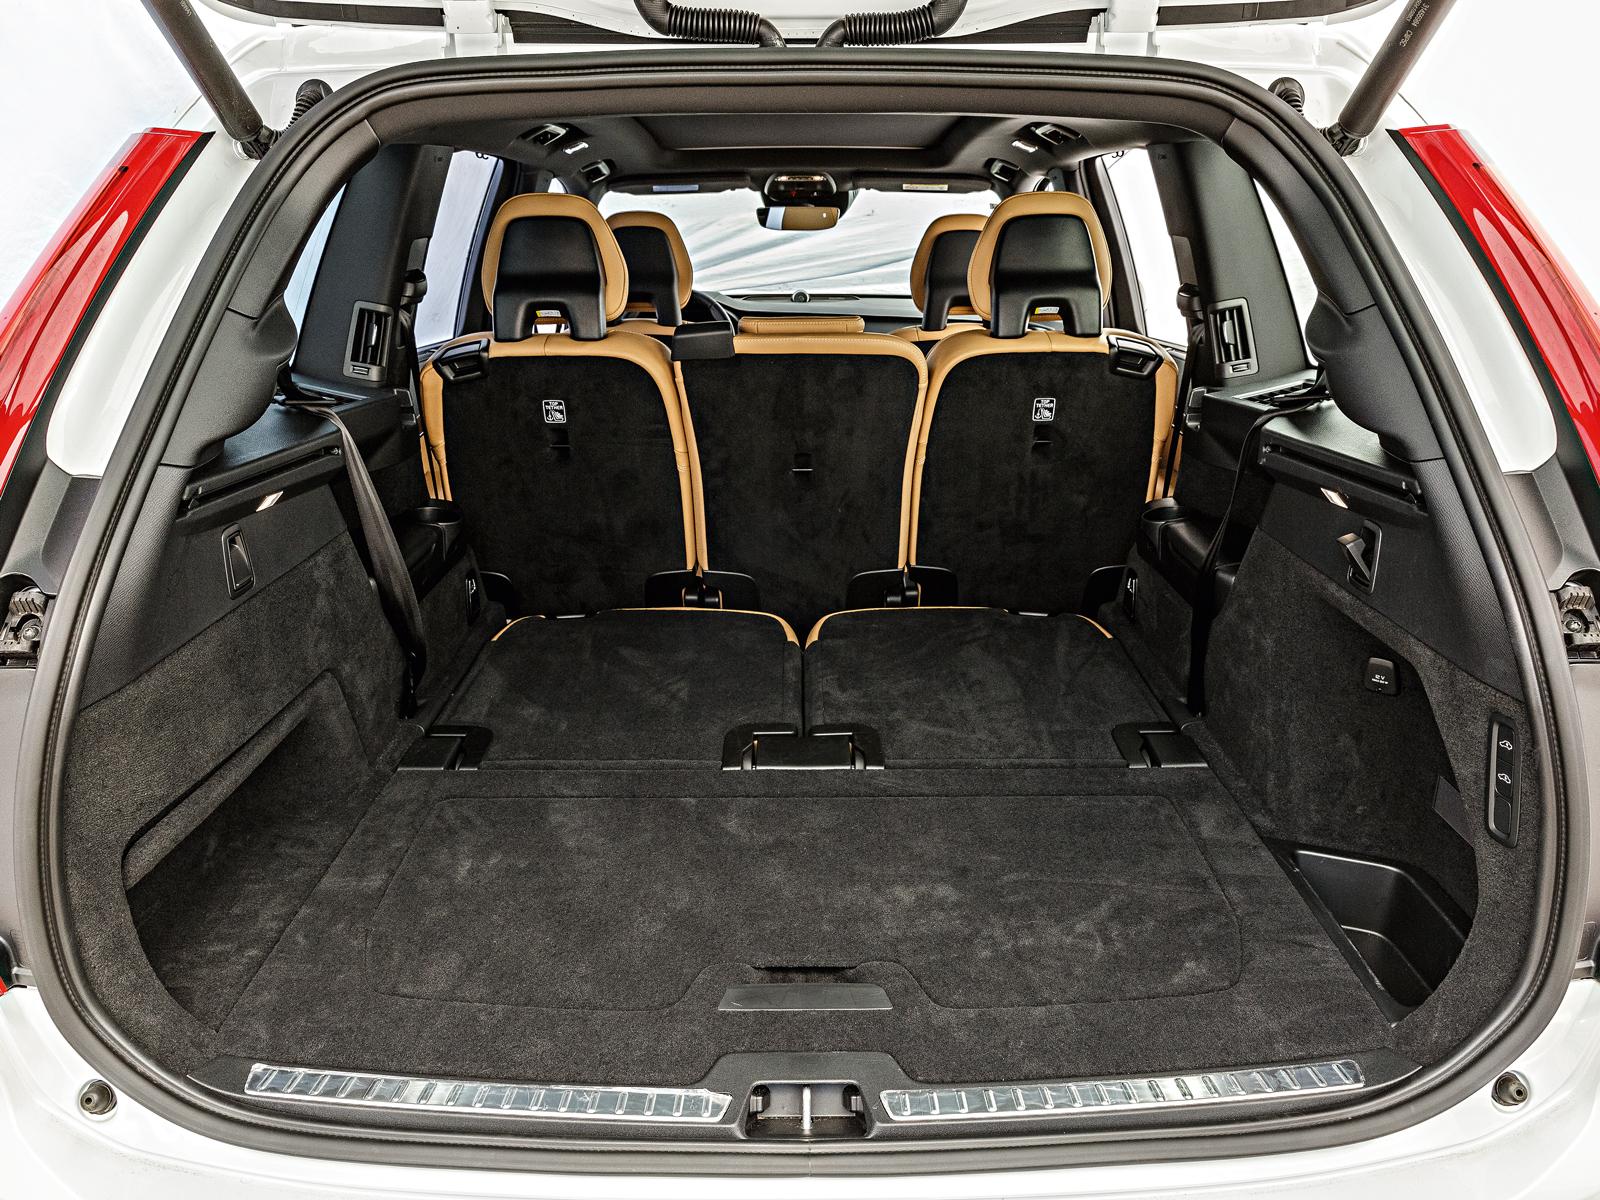 Porta-mala do Volvo tem 1071 litros com configuração 5 lugares